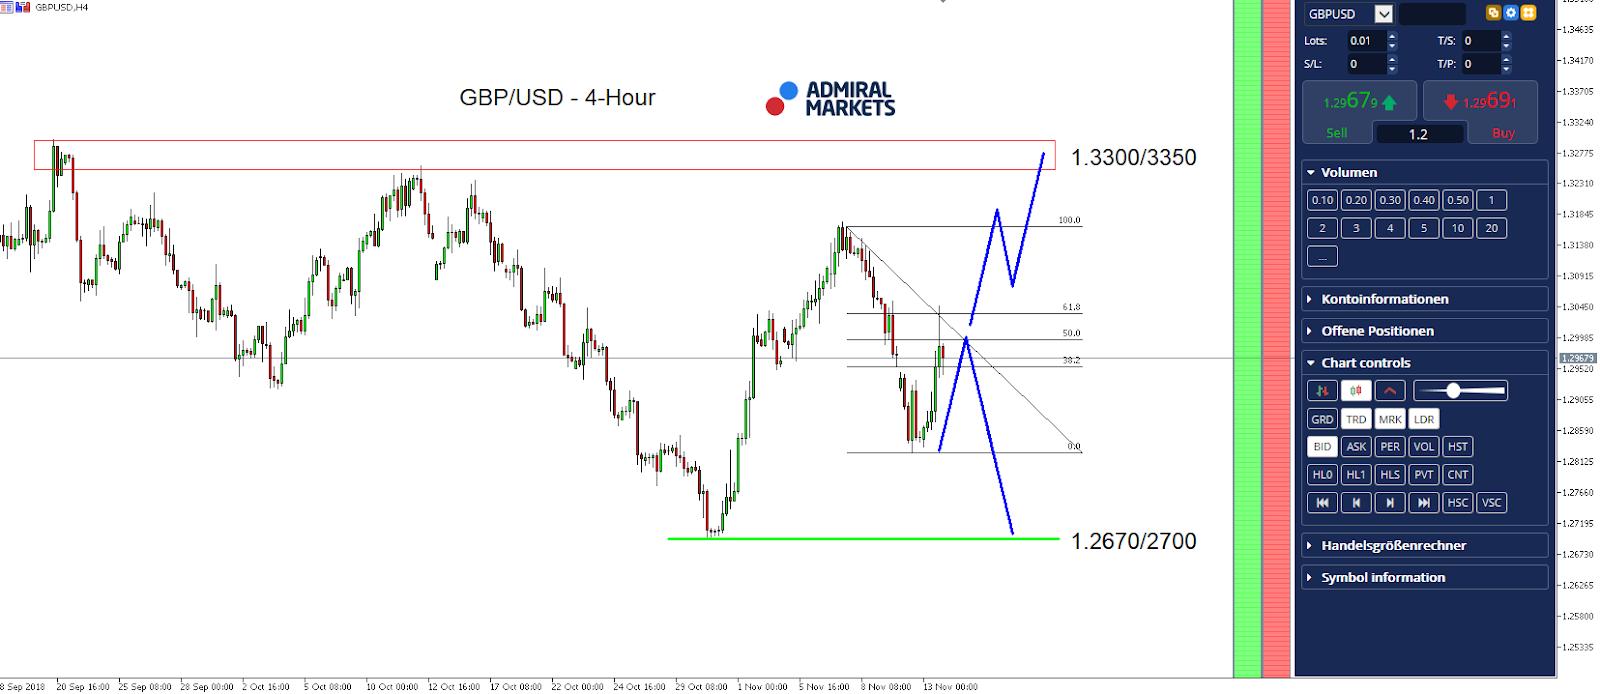 GBPUSD 4 hour chart